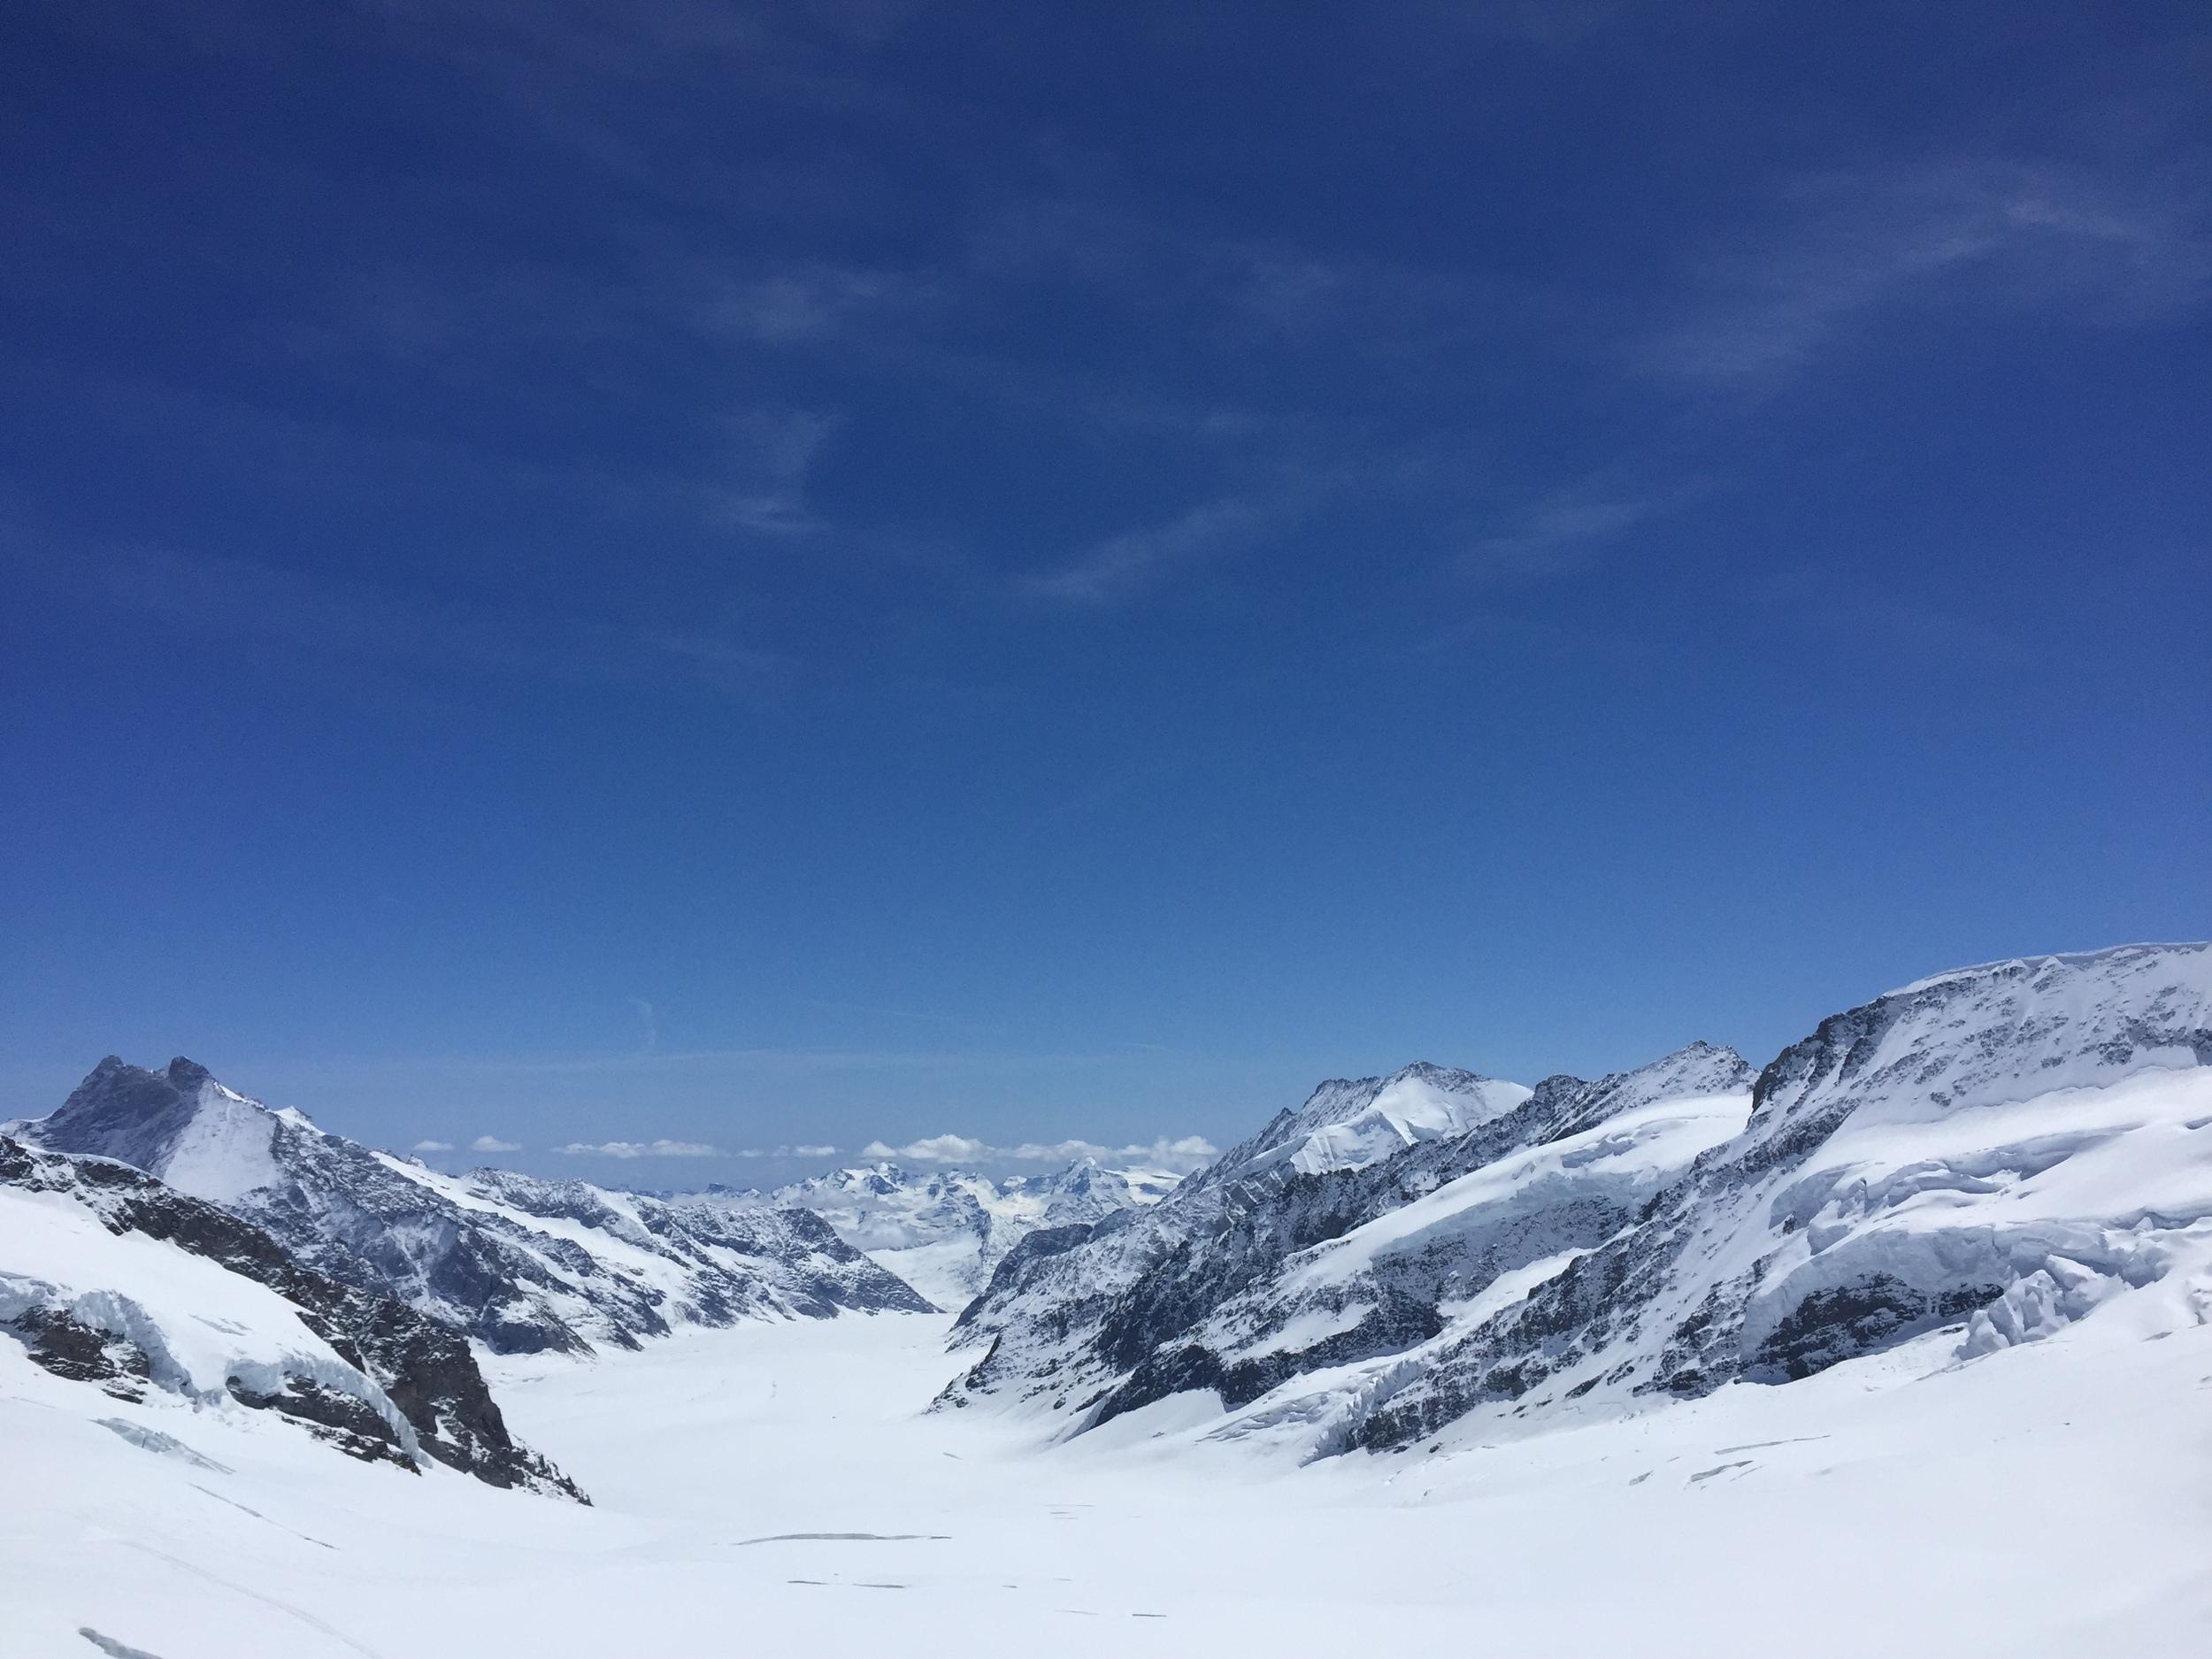 Aletsch Glacier, Jungfrau Region, Switzerland